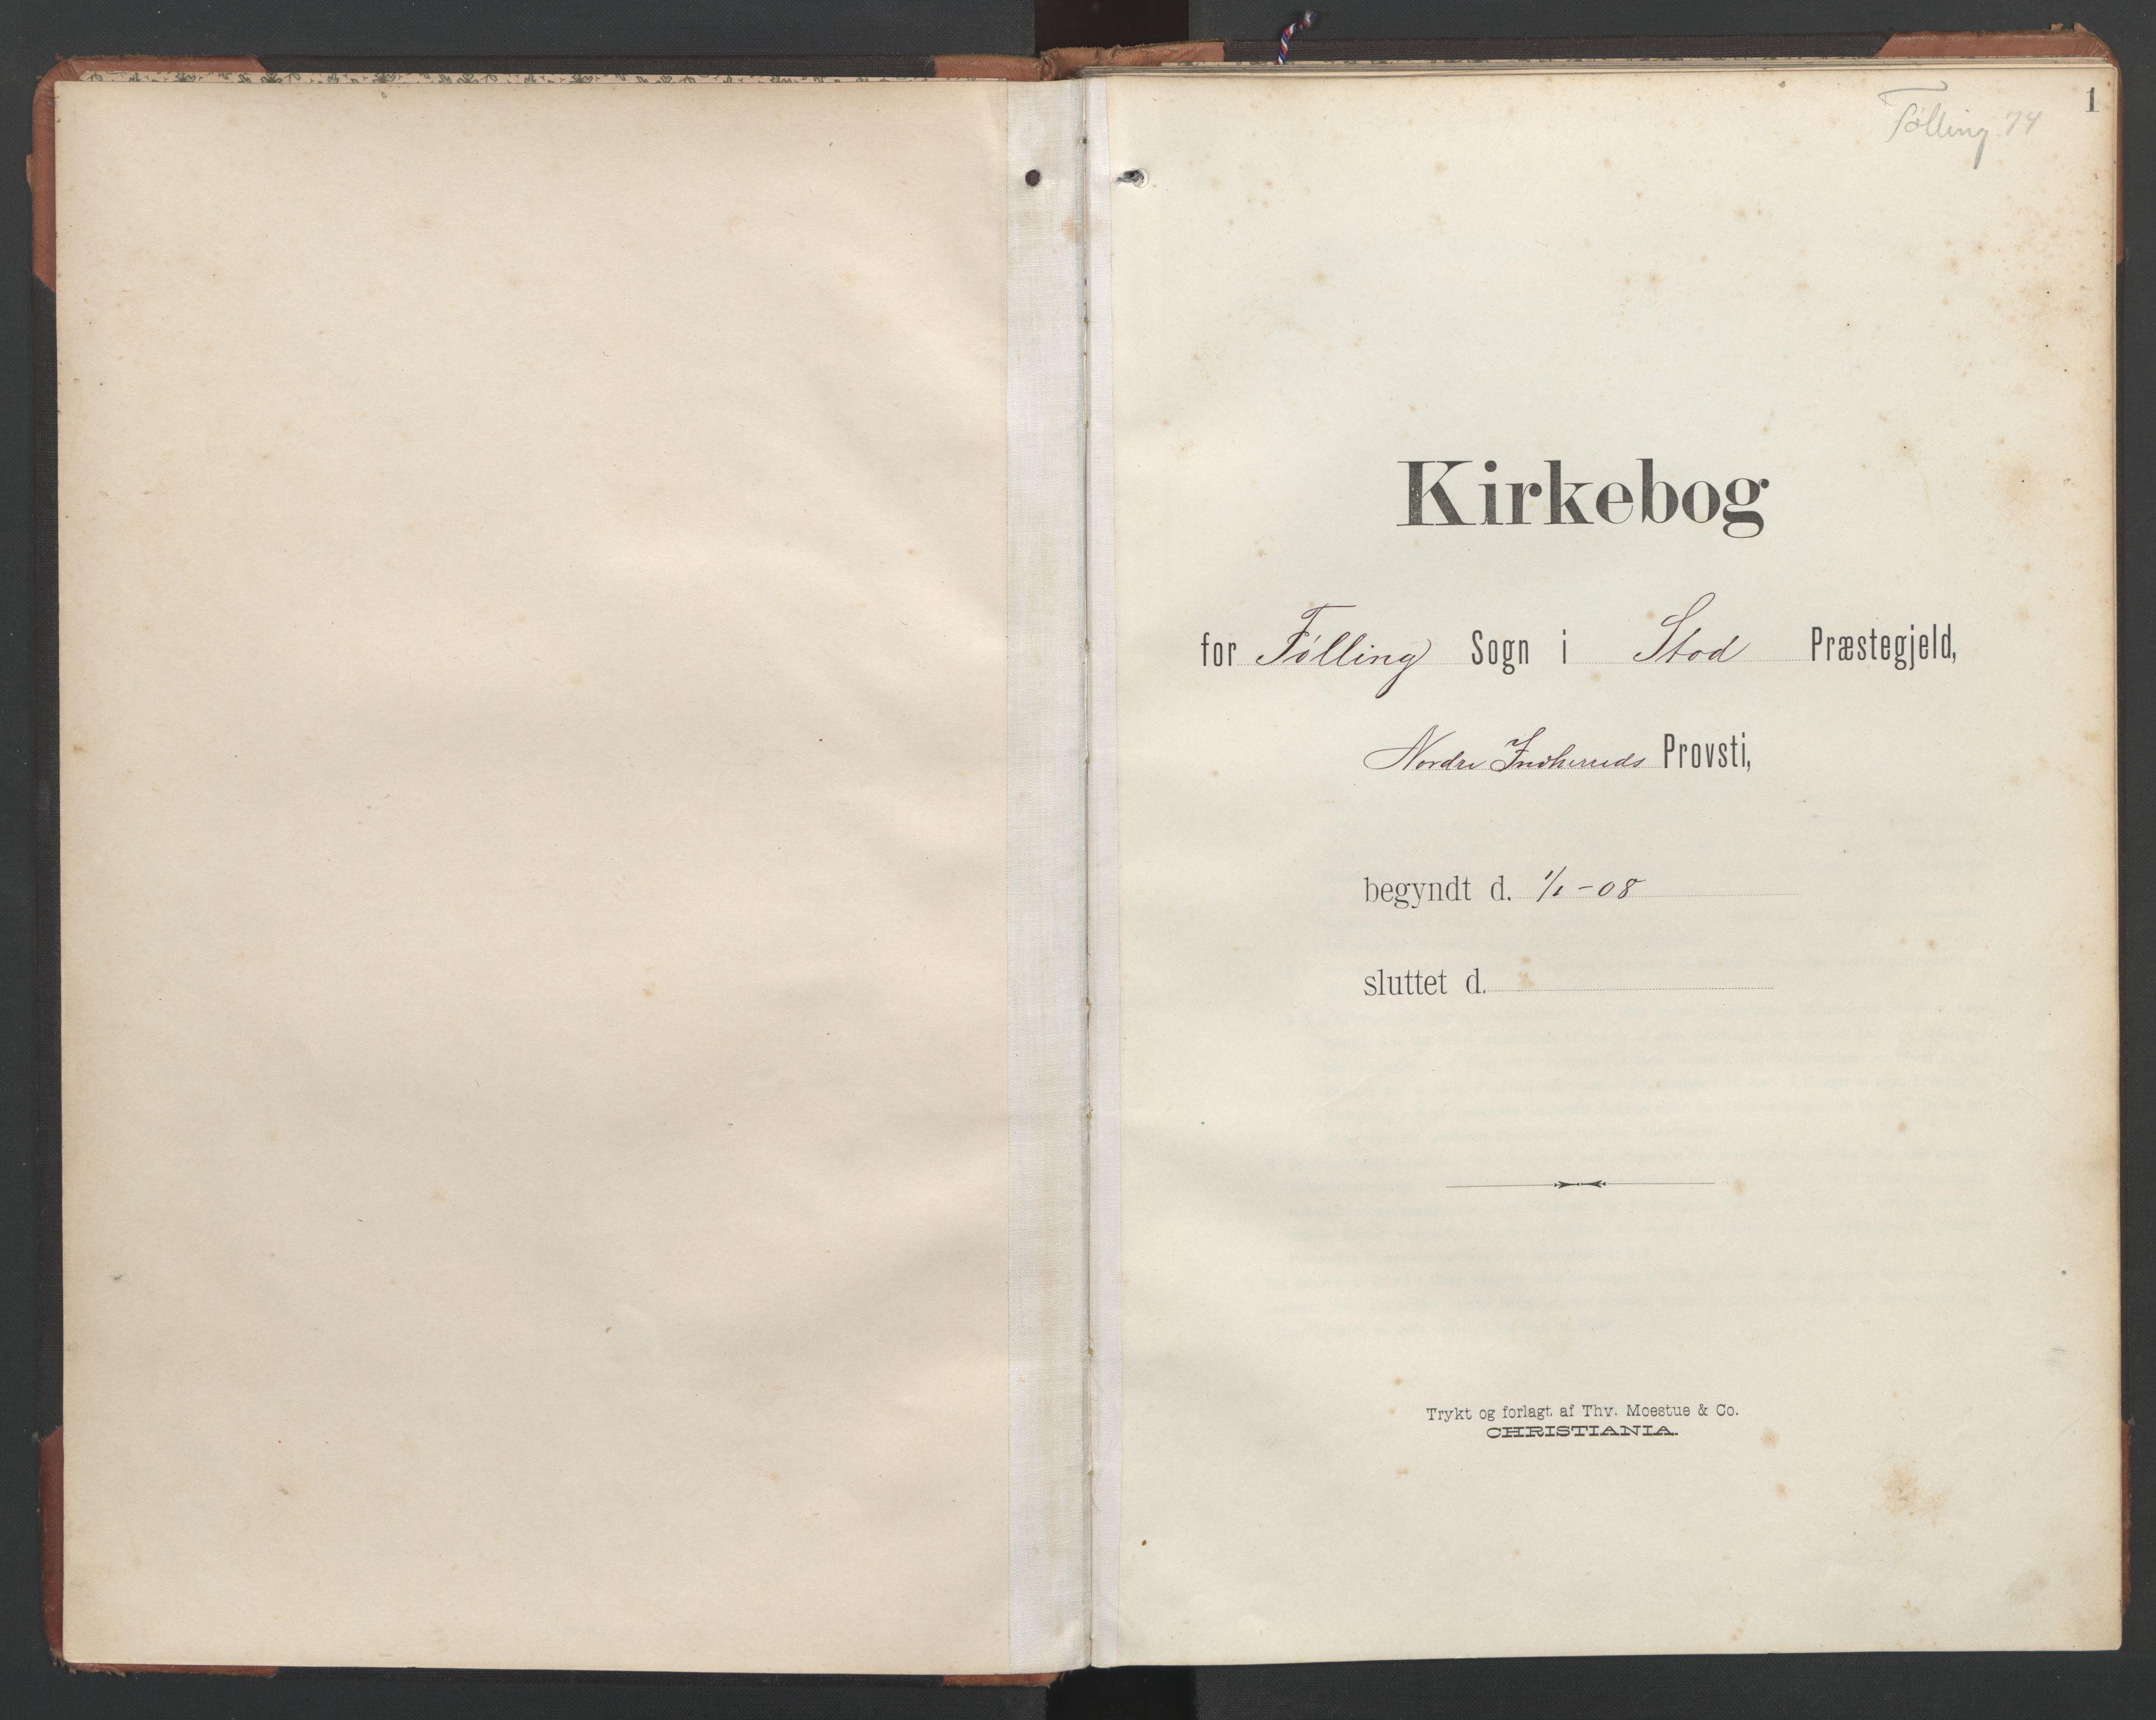 SAT, Ministerialprotokoller, klokkerbøker og fødselsregistre - Nord-Trøndelag, 748/L0465: Klokkerbok nr. 748C01, 1908-1960, s. 1